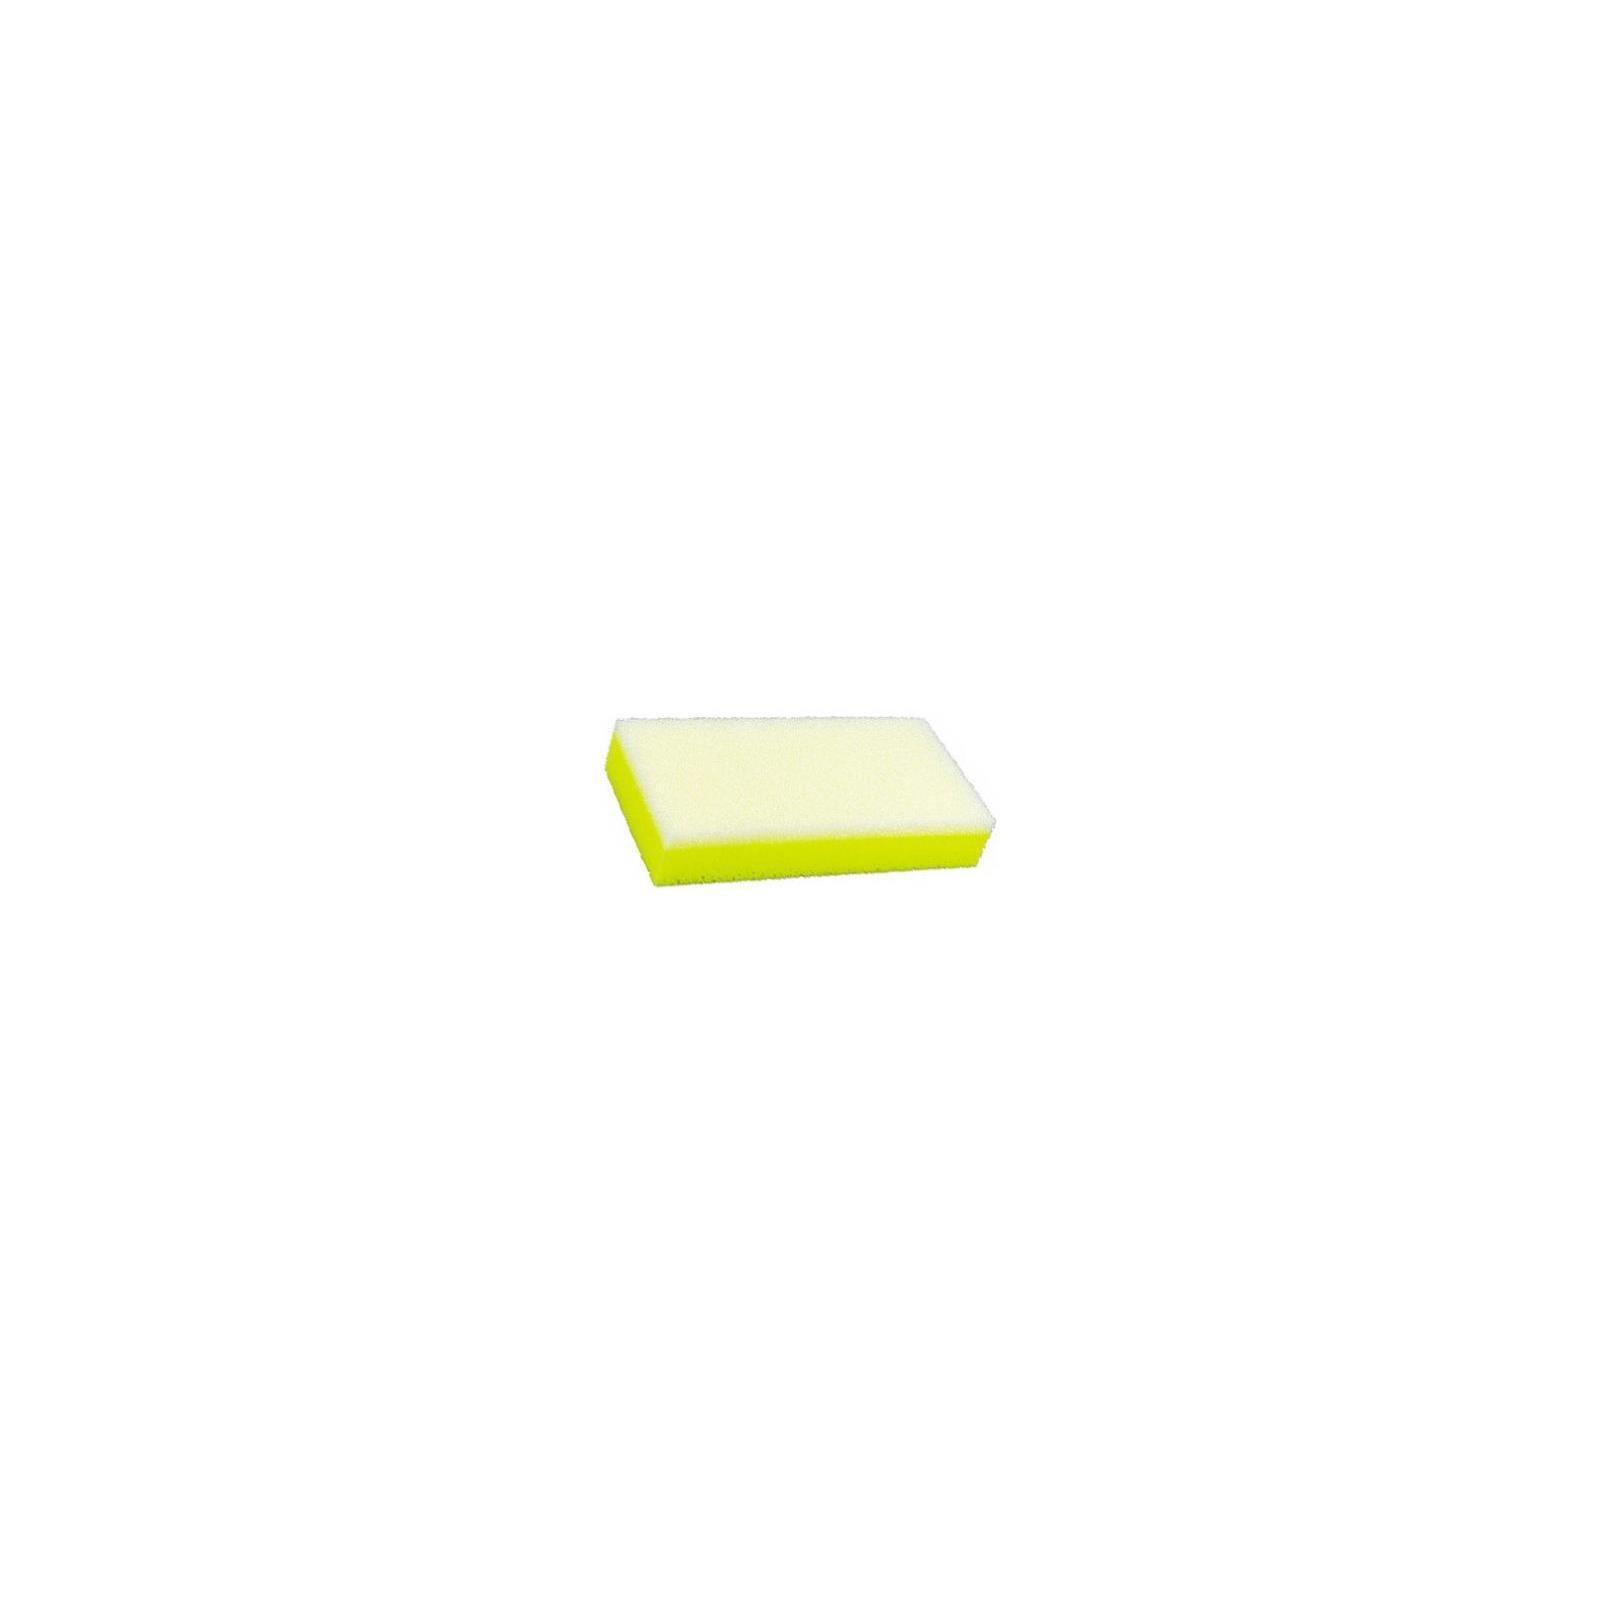 Goldblatt Tool #G05606 Drywall Sanding Sponge